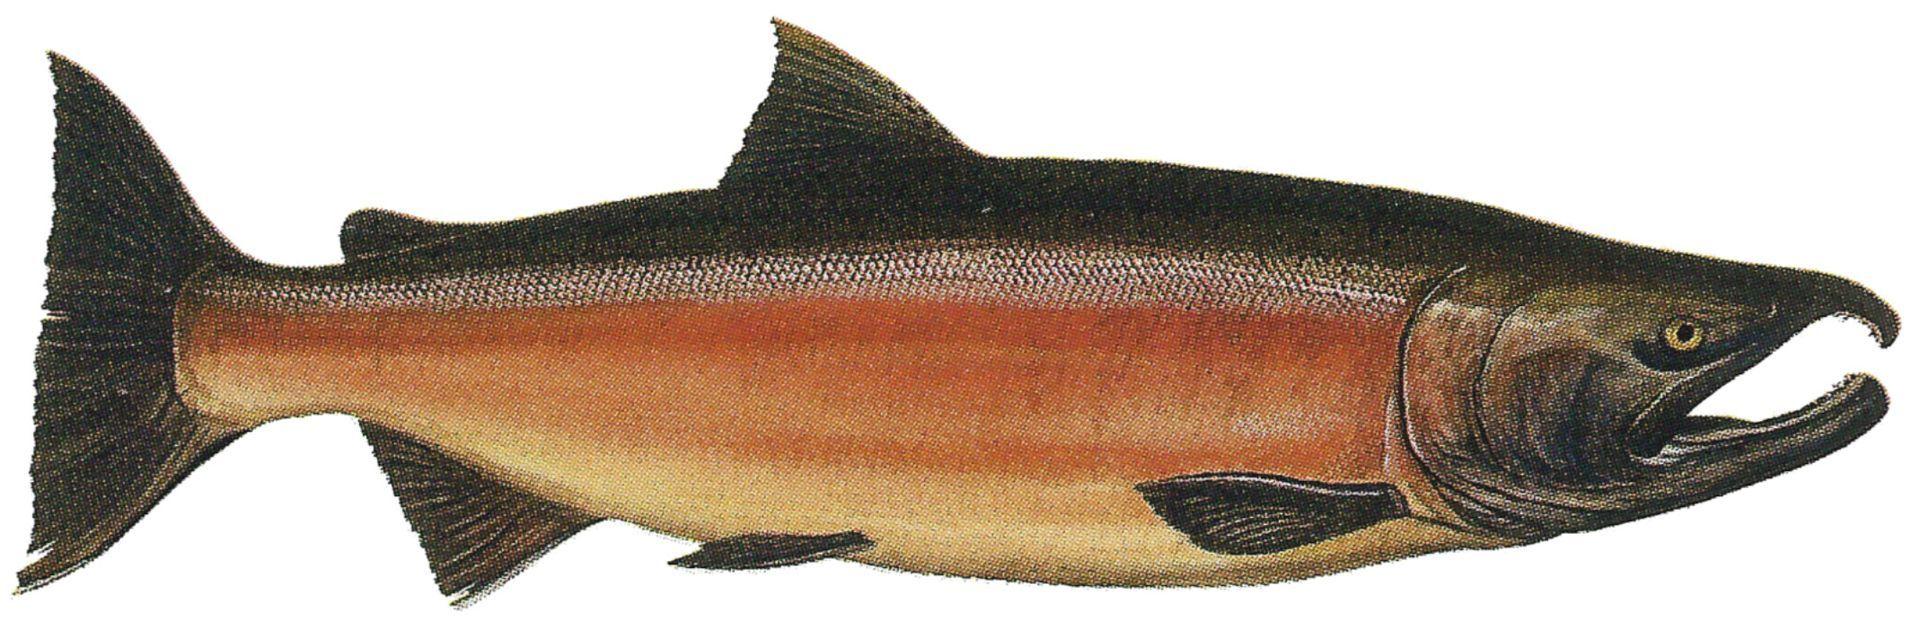 coho_male_freshwater